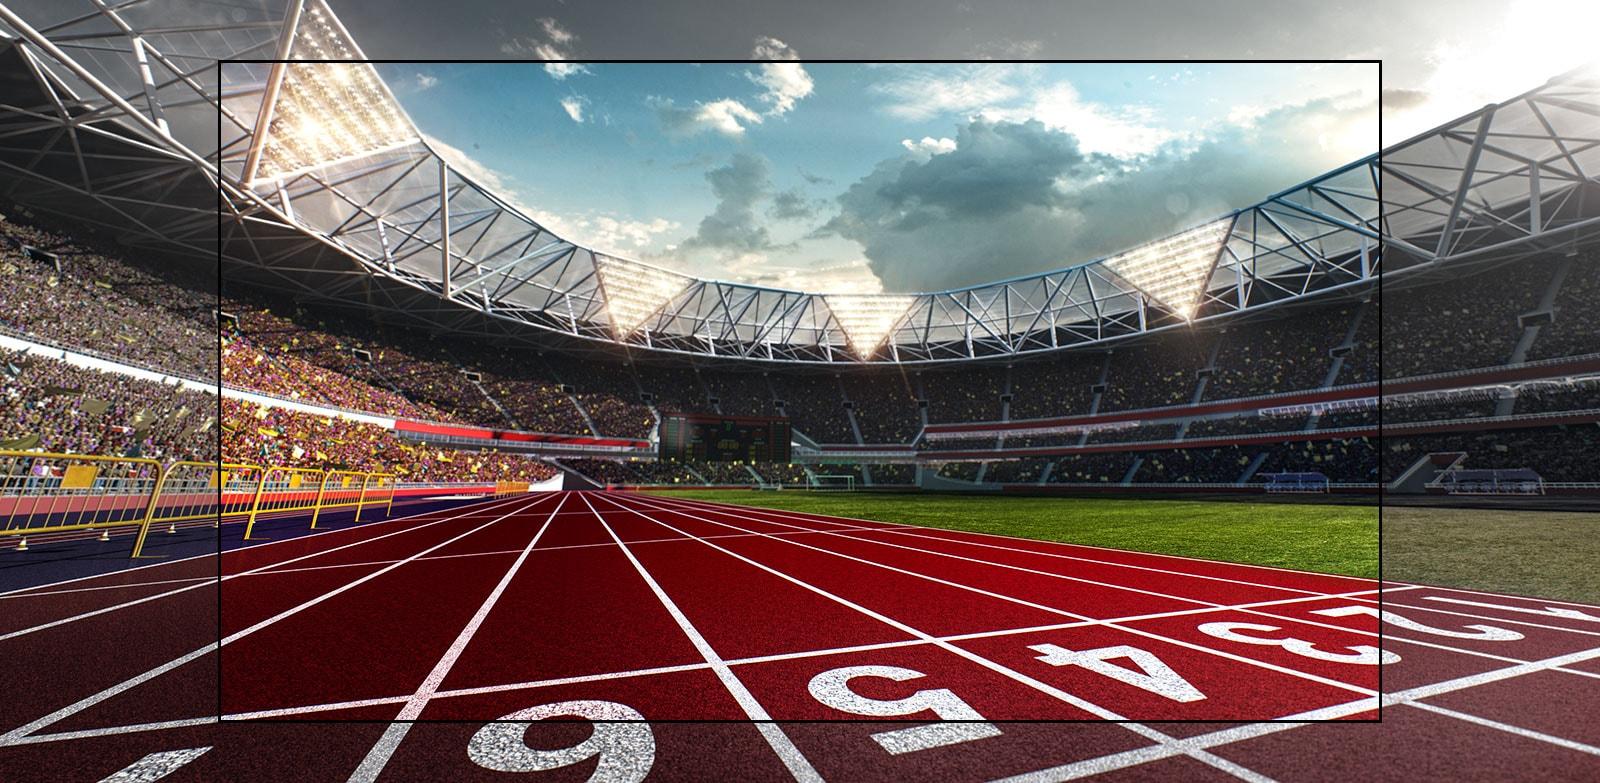 Écran de téléviseur montrant un stade avec une image en plan rapproché d'une piste de course. Le stade est rempli de spectateurs.